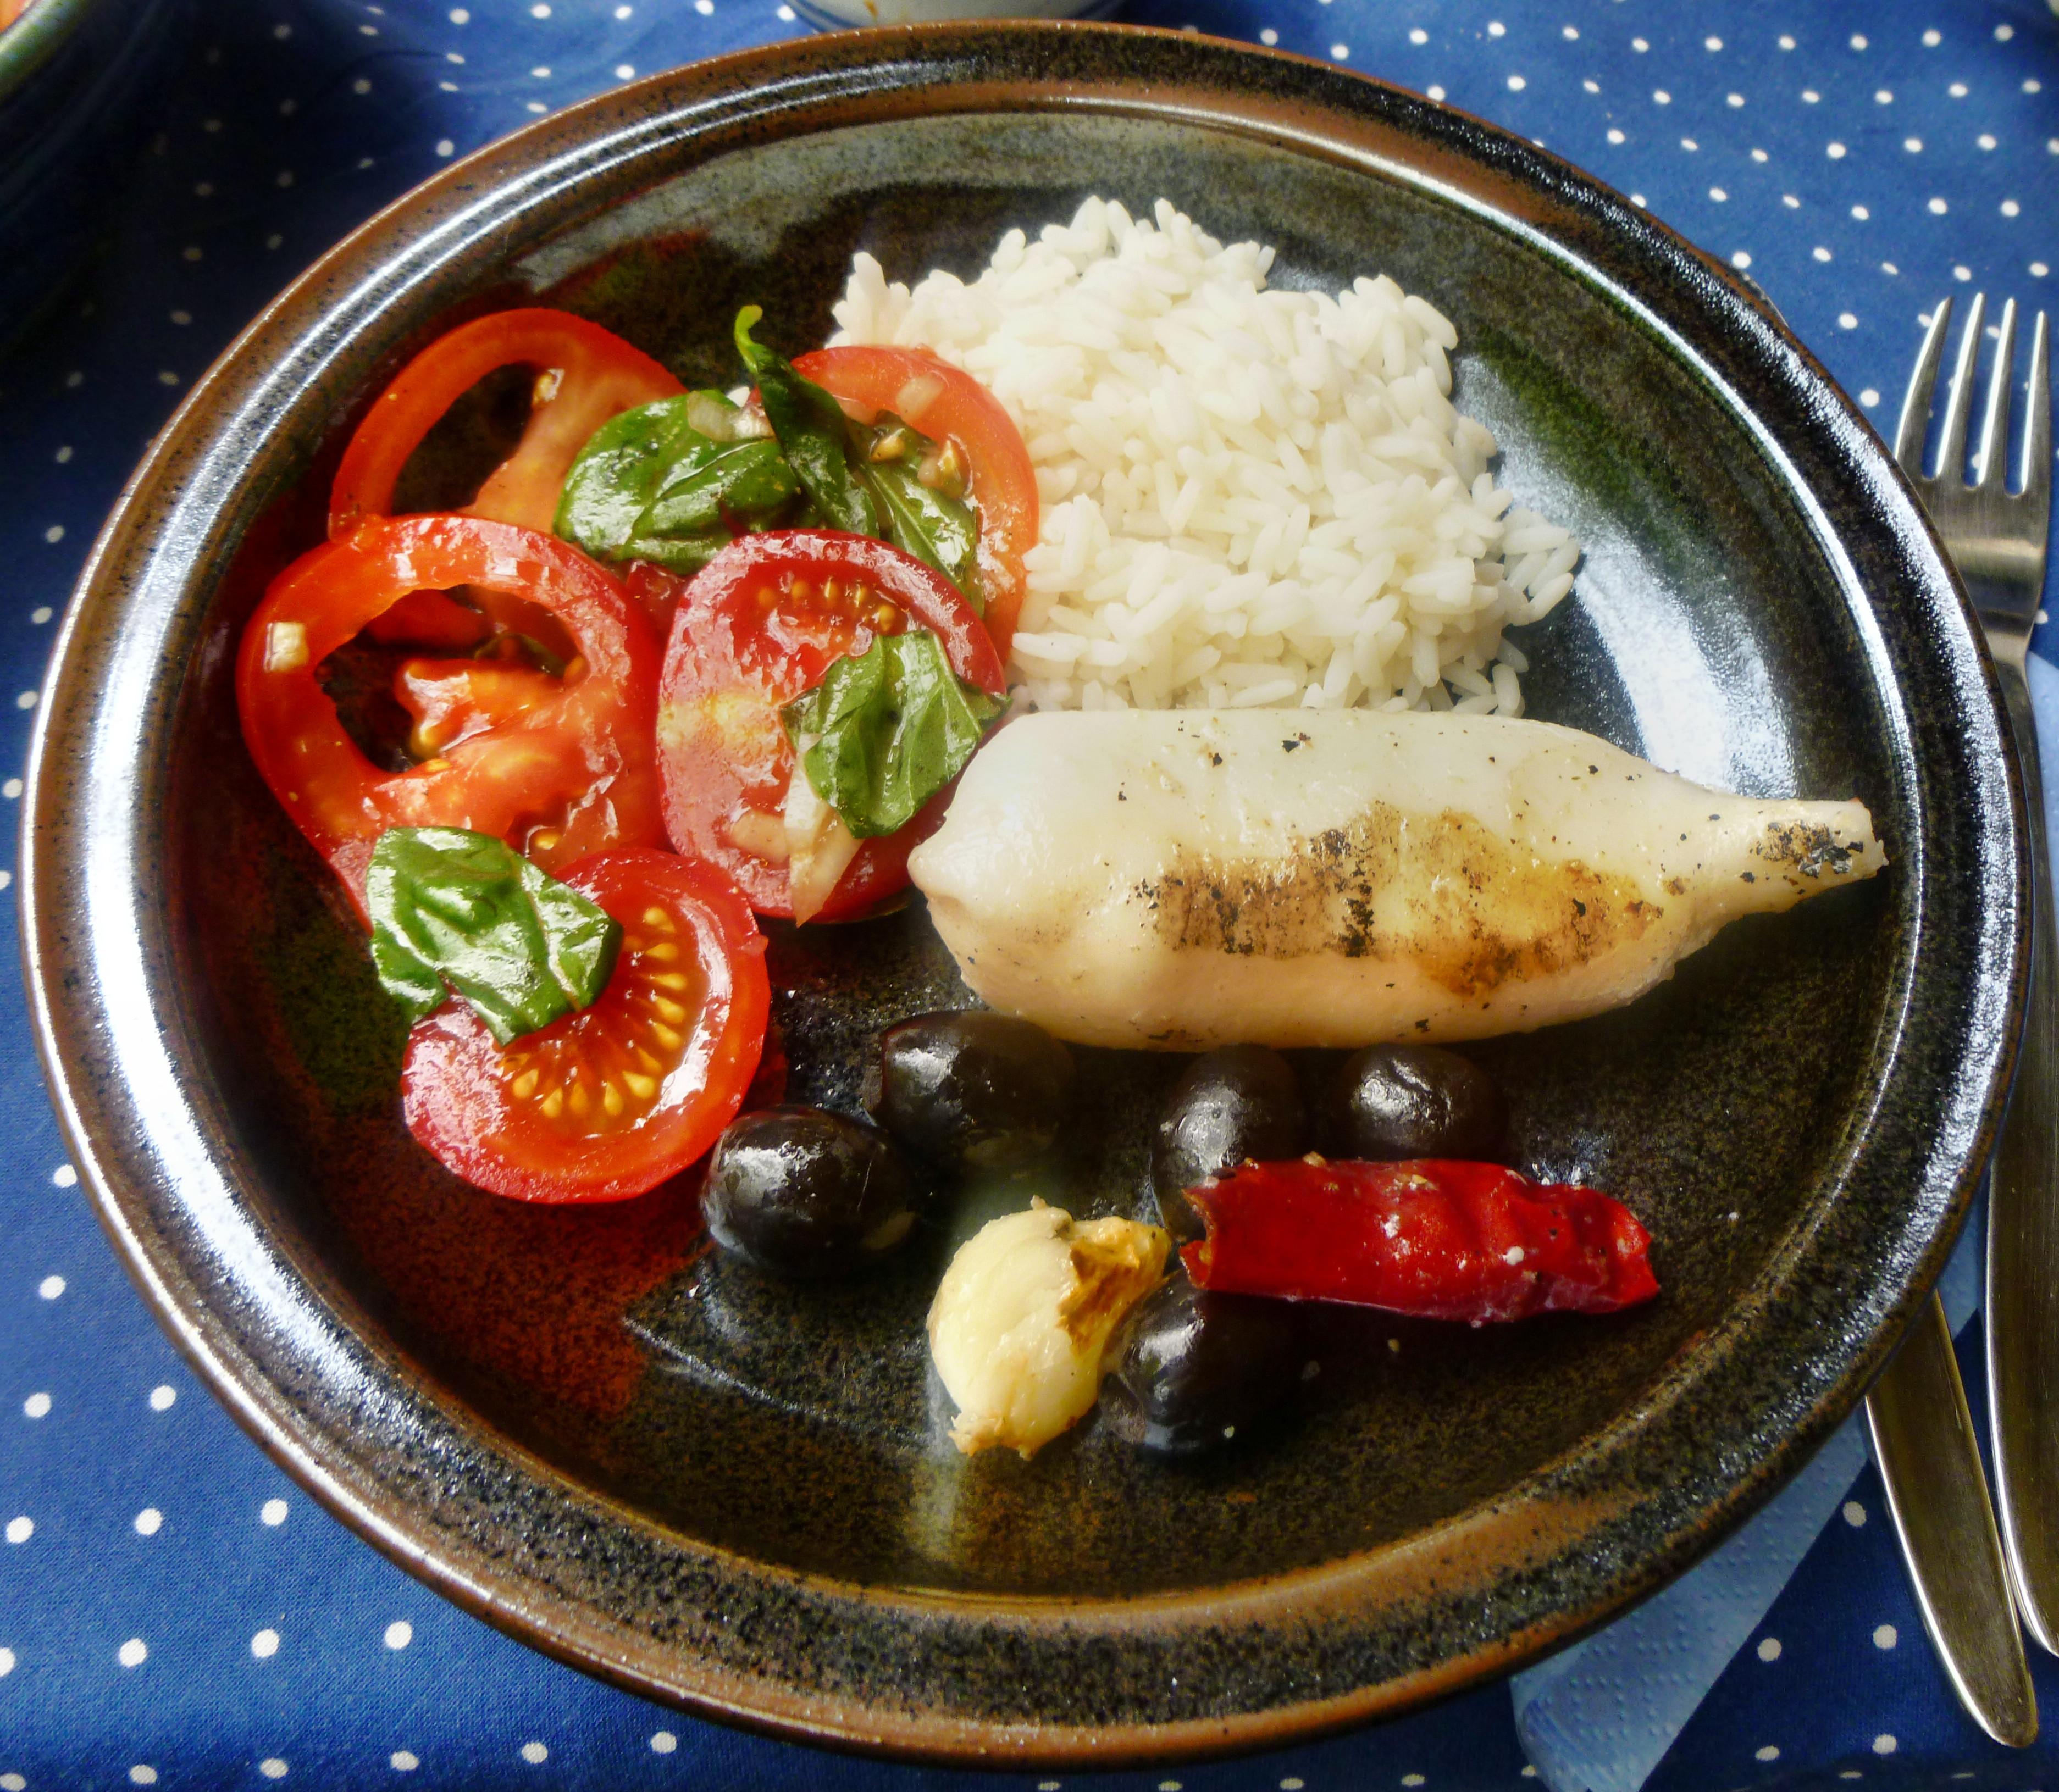 Tintenfisch Tuben,Reis,Tomatensalat,Melone -18.7.15   (9)